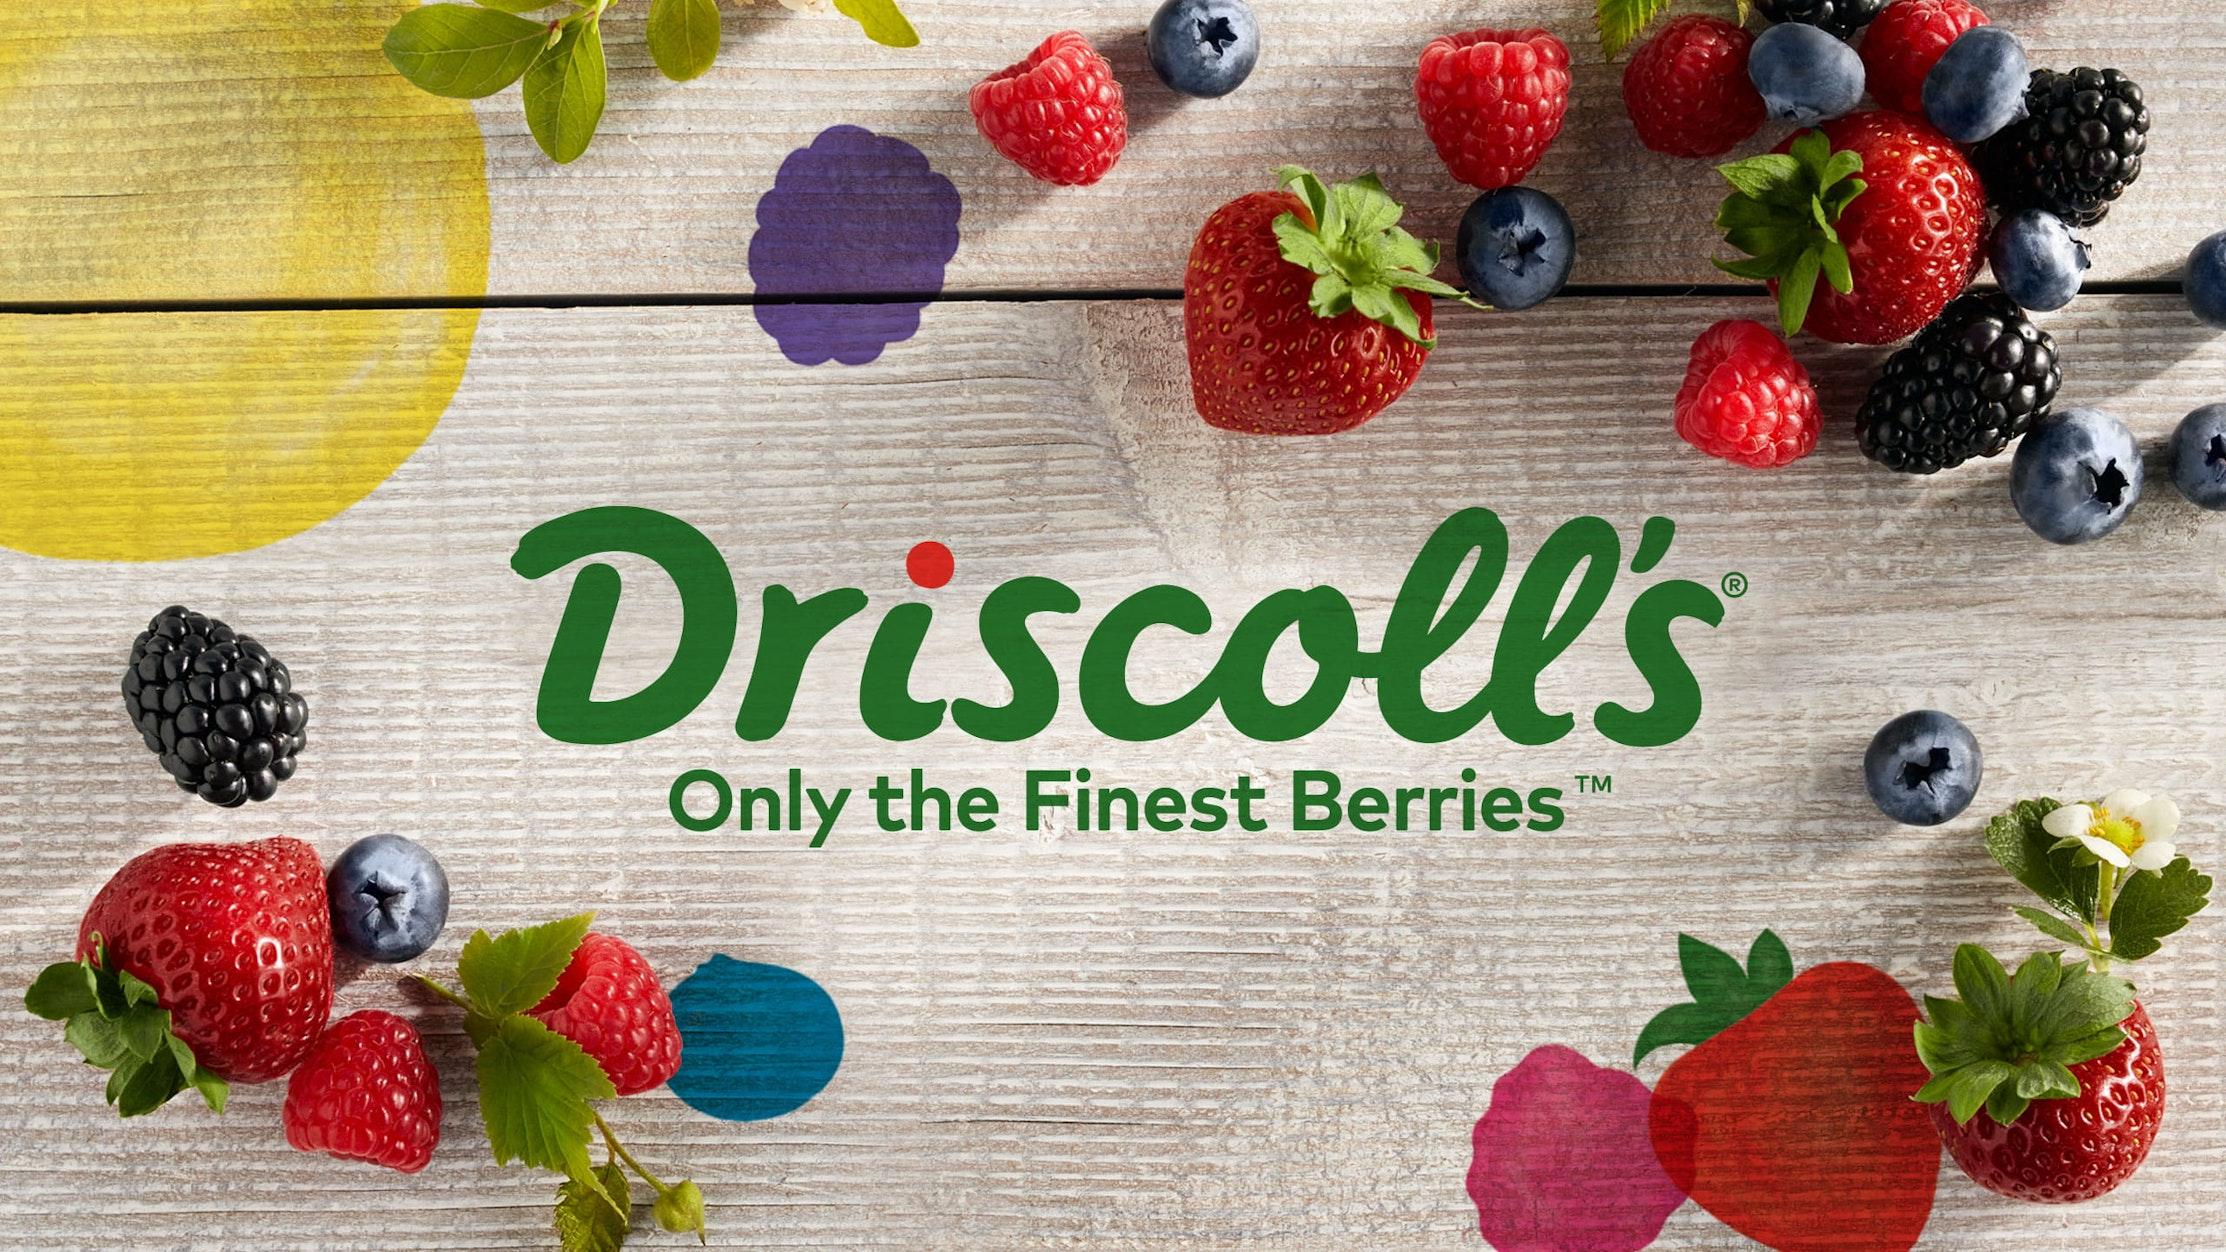 Kết quả hình ảnh cho Driscoll's